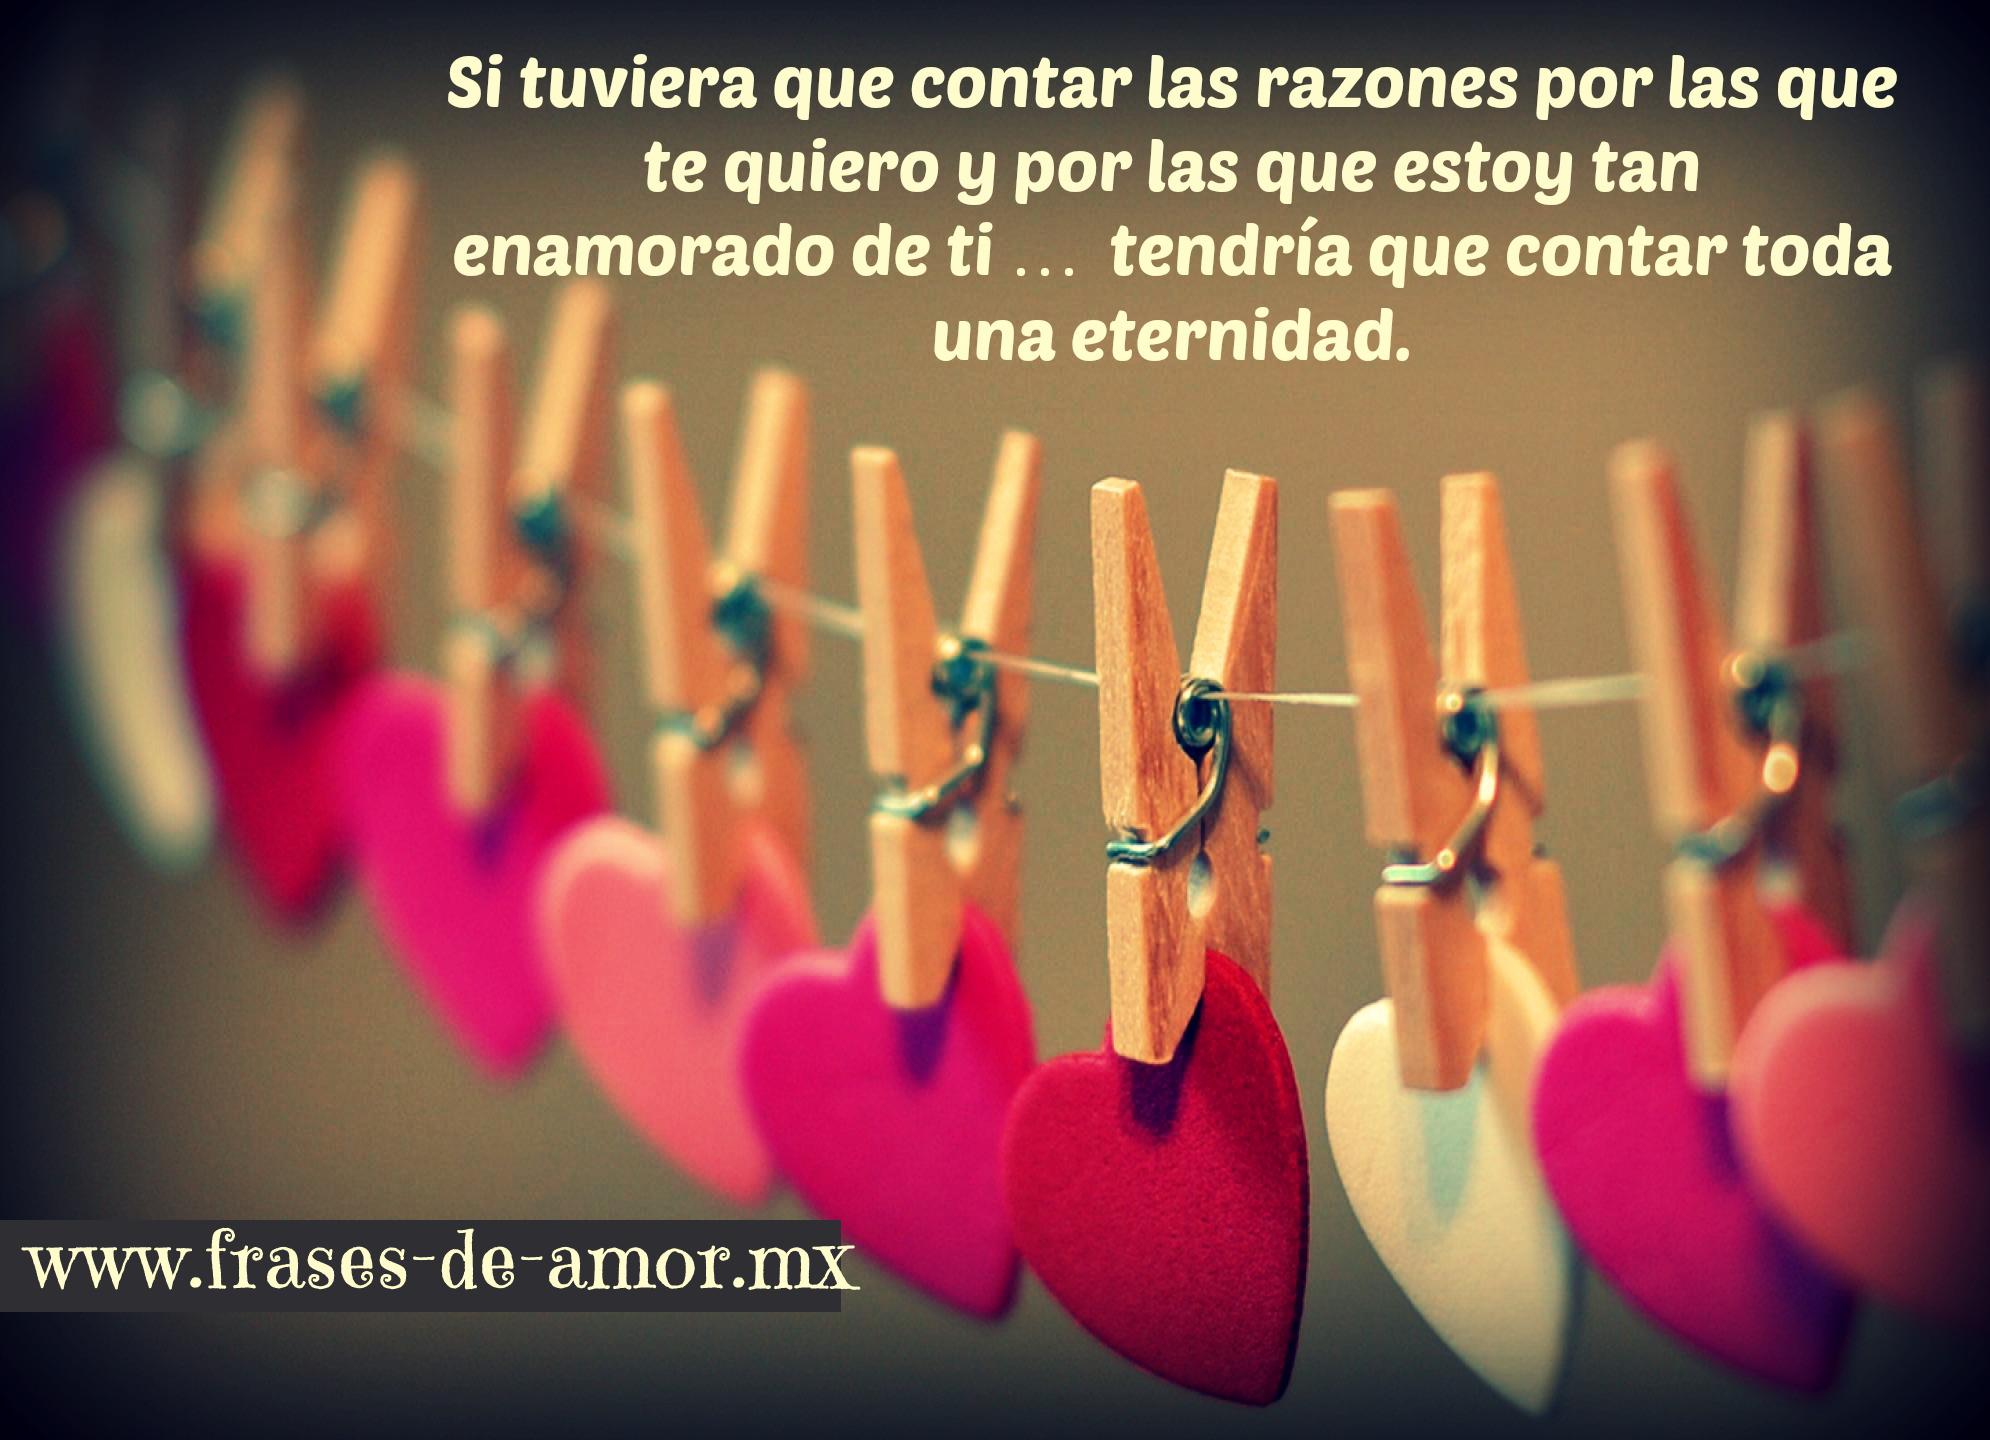 Mensagens De Amor: Contaria Una Eternidad, Frases De Amor Imagenes, Frases De